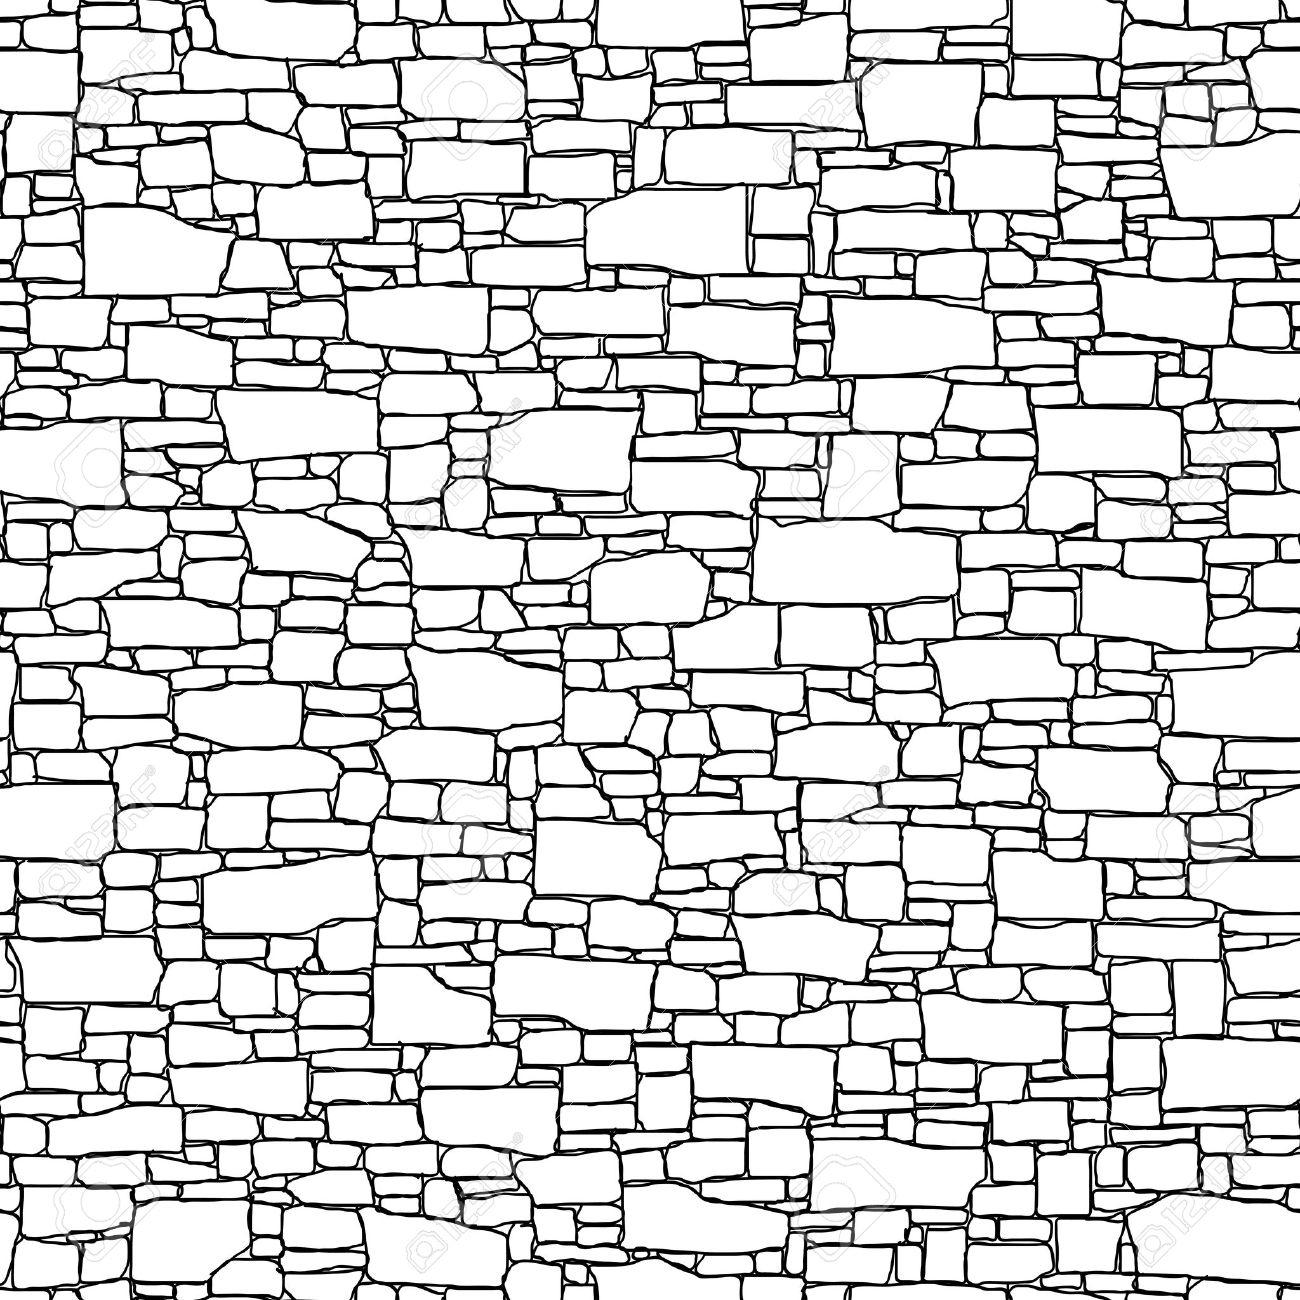 Brick Wall Texture Drawing At Getdrawings